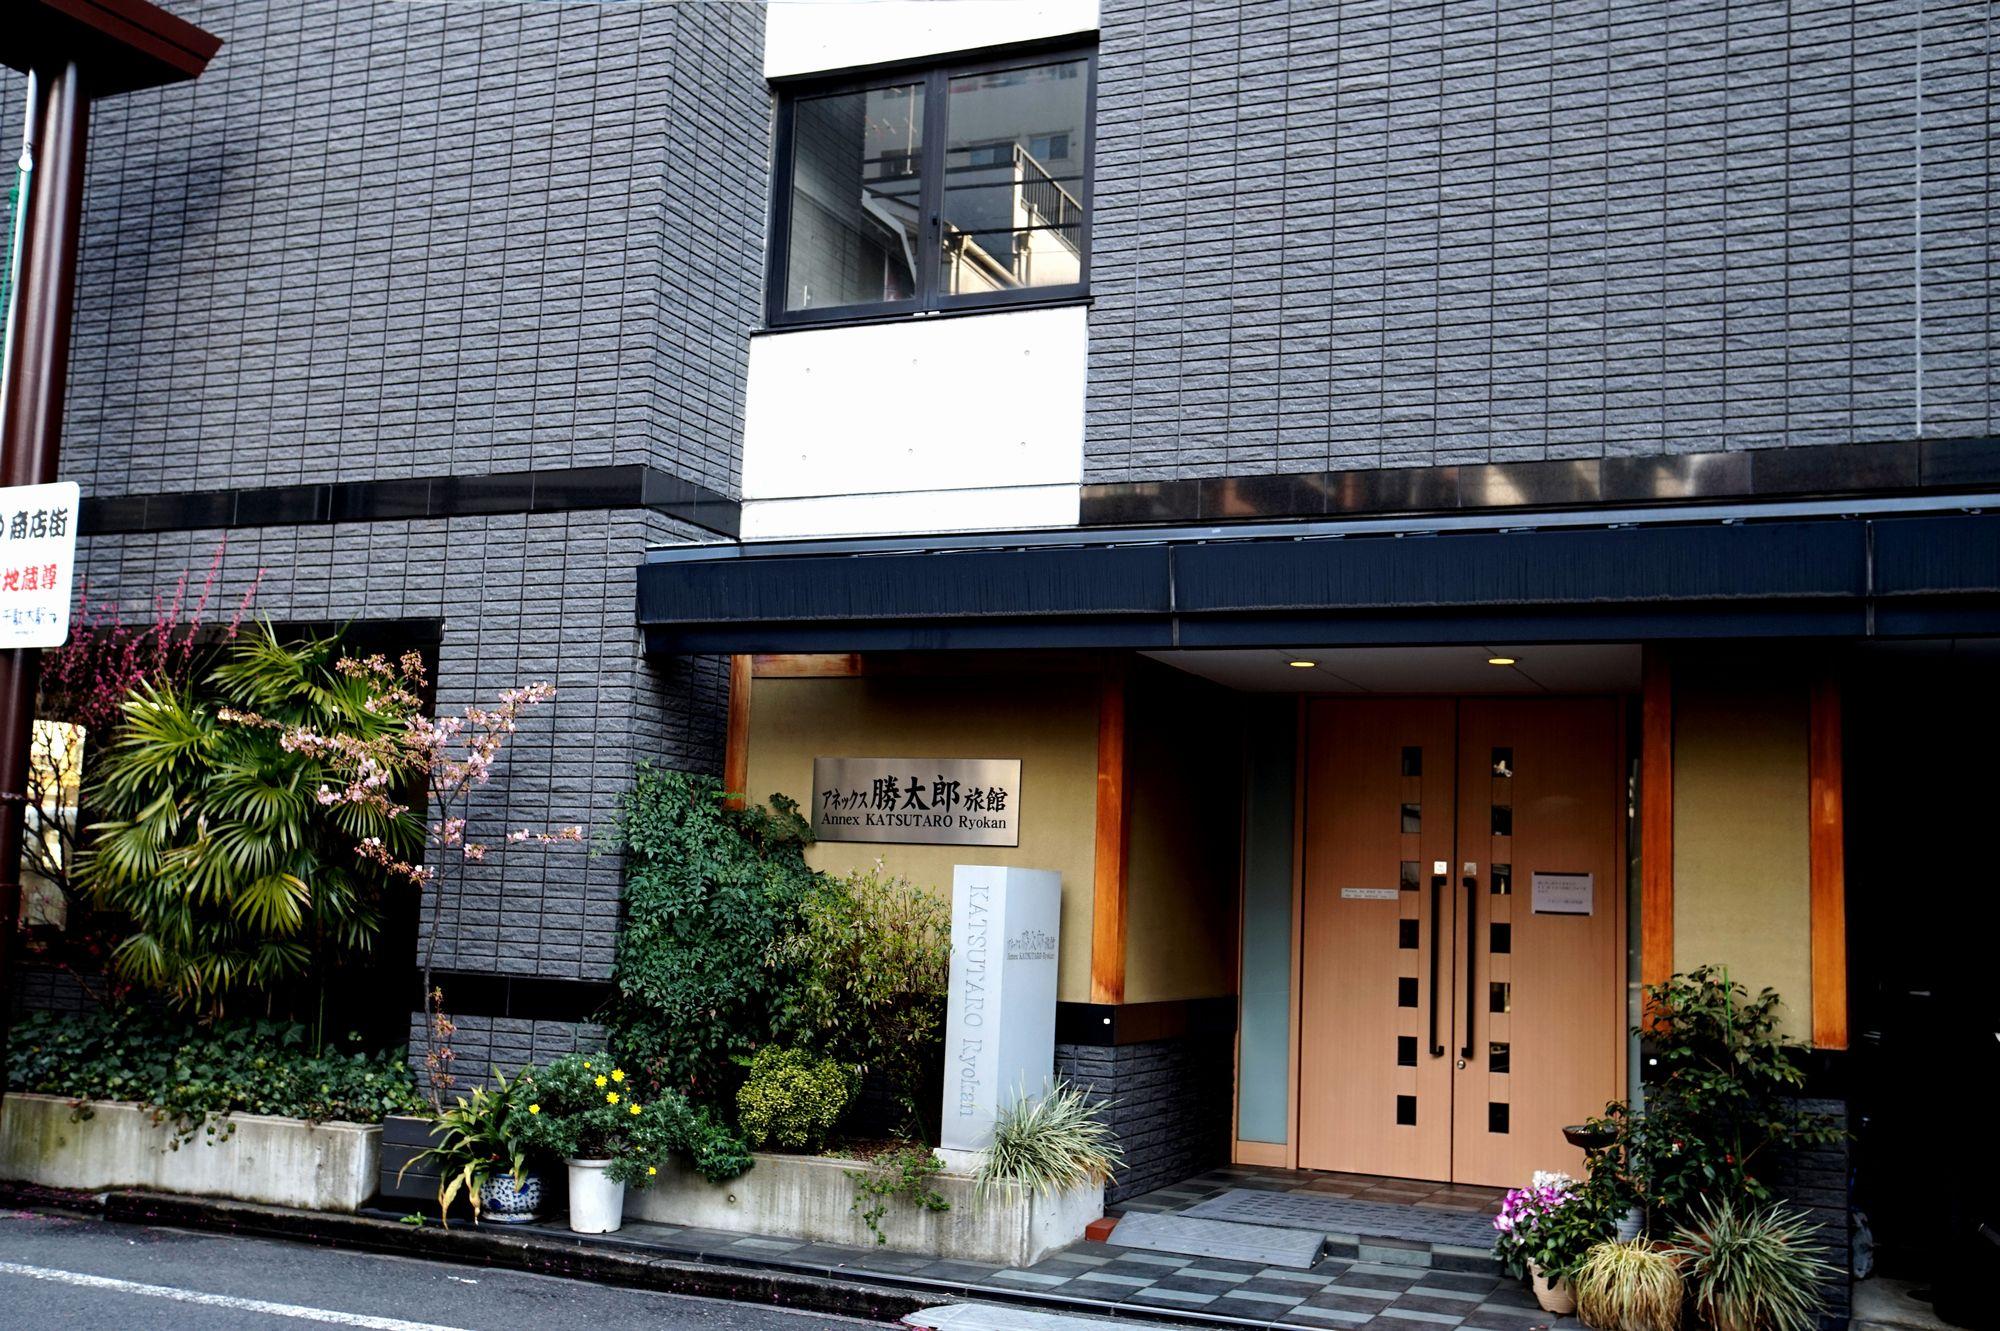 アネックス 勝太郎 旅館◆楽天トラベル